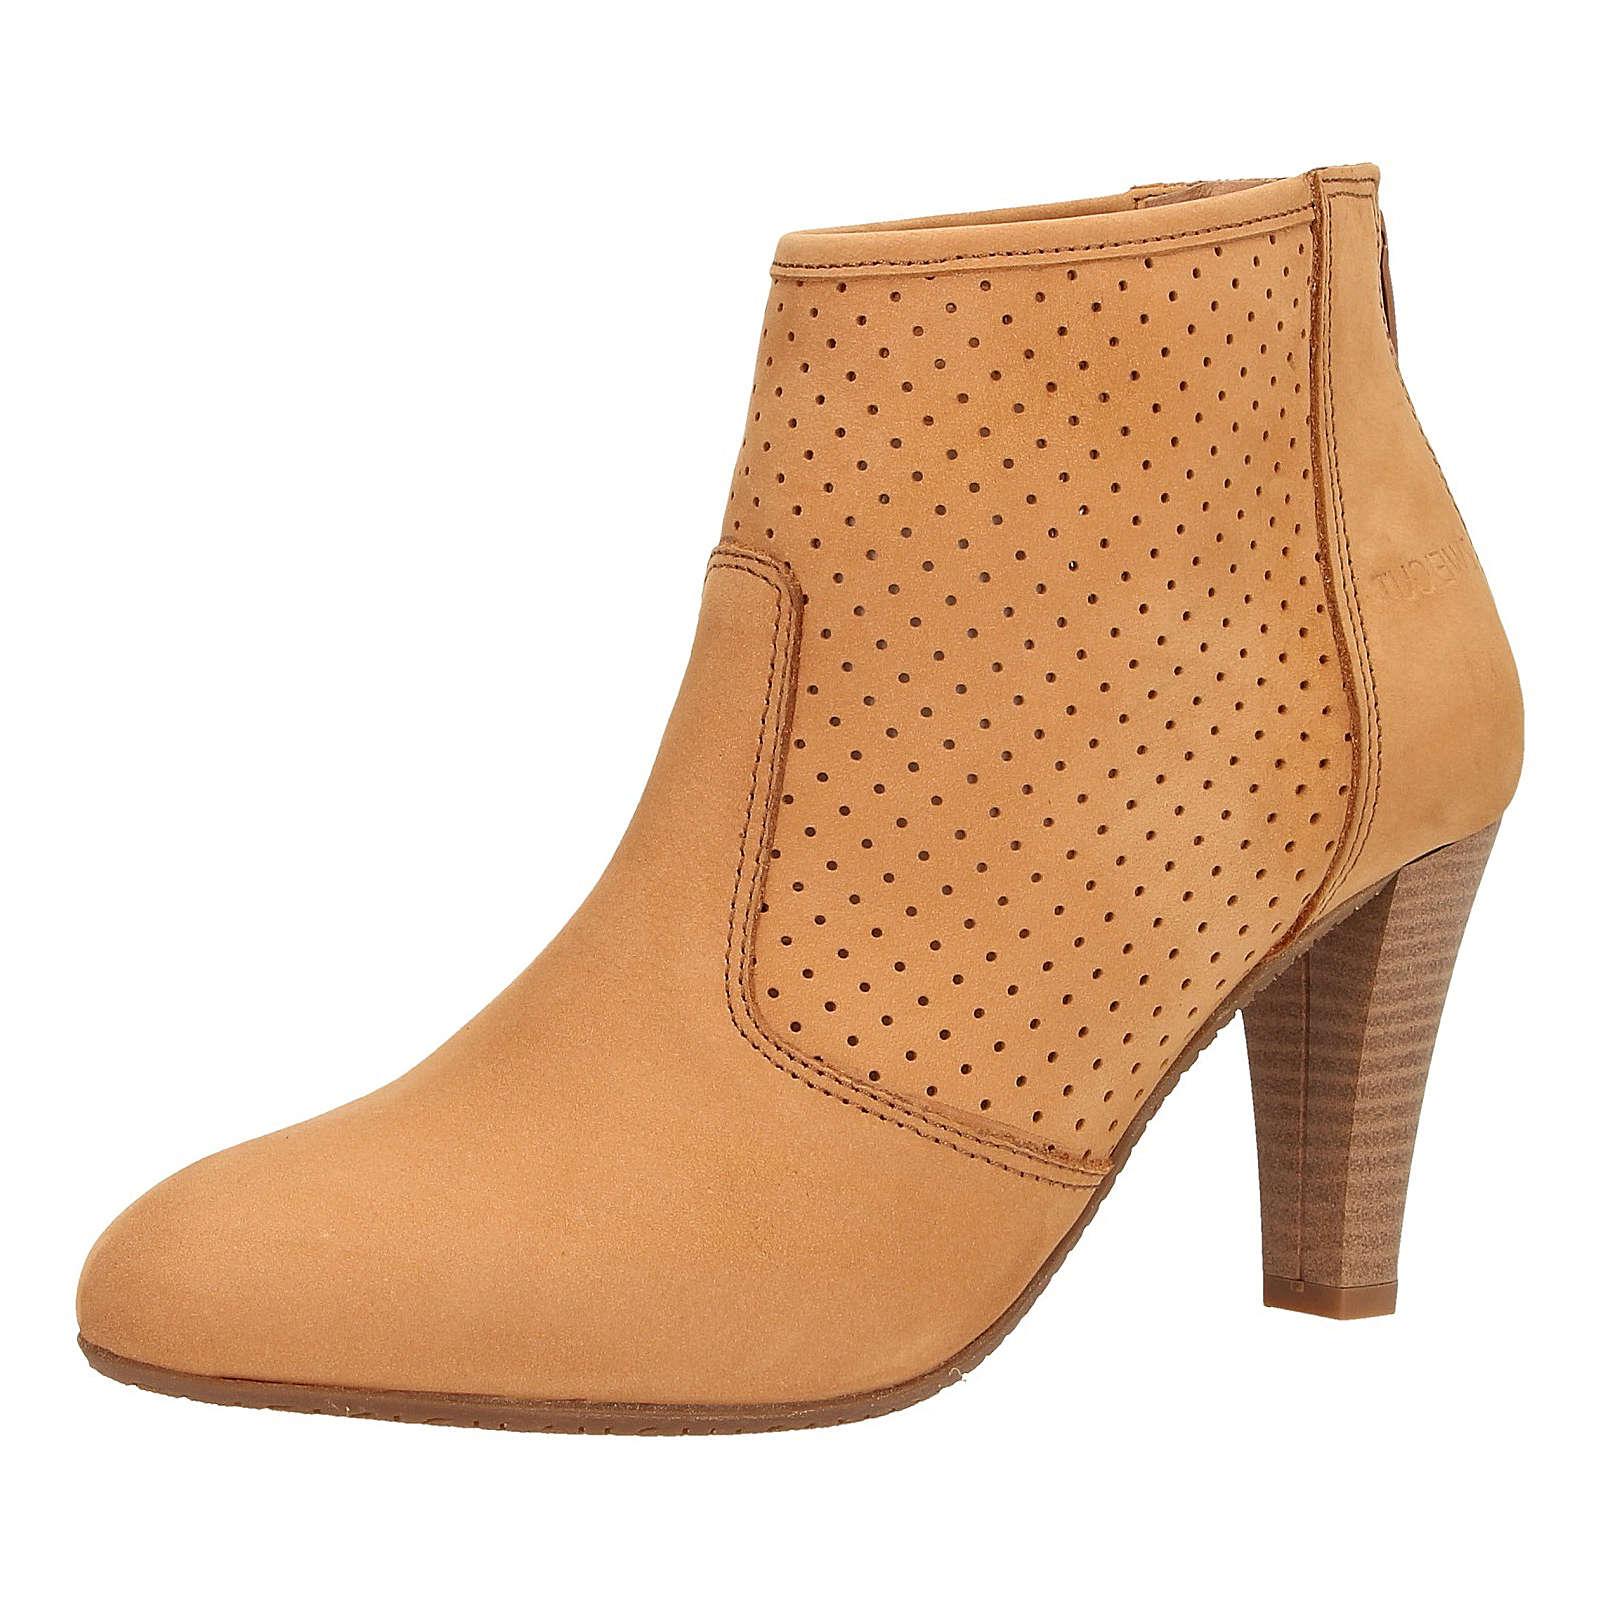 ZWEIGUT® Stiefeletten komood #310 Damen Nubukleder Sommer Schuh extremer Komfort auf flexibler Sohle atmungsaktiv hellbraun Damen Gr. 39